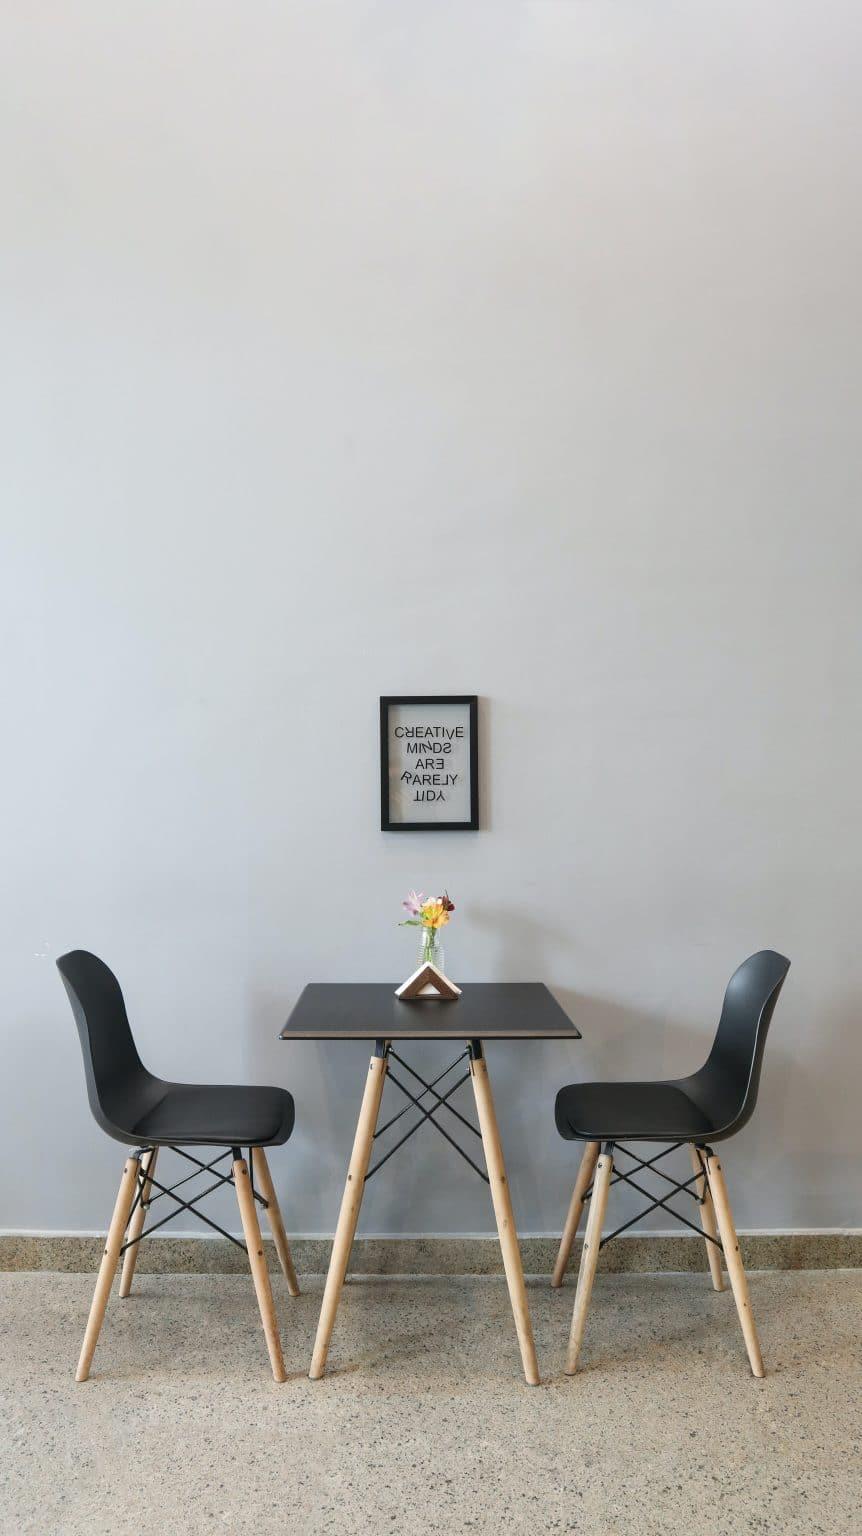 Décrivez les types de meubles Ikea pour réussir votre entretien d'embauche